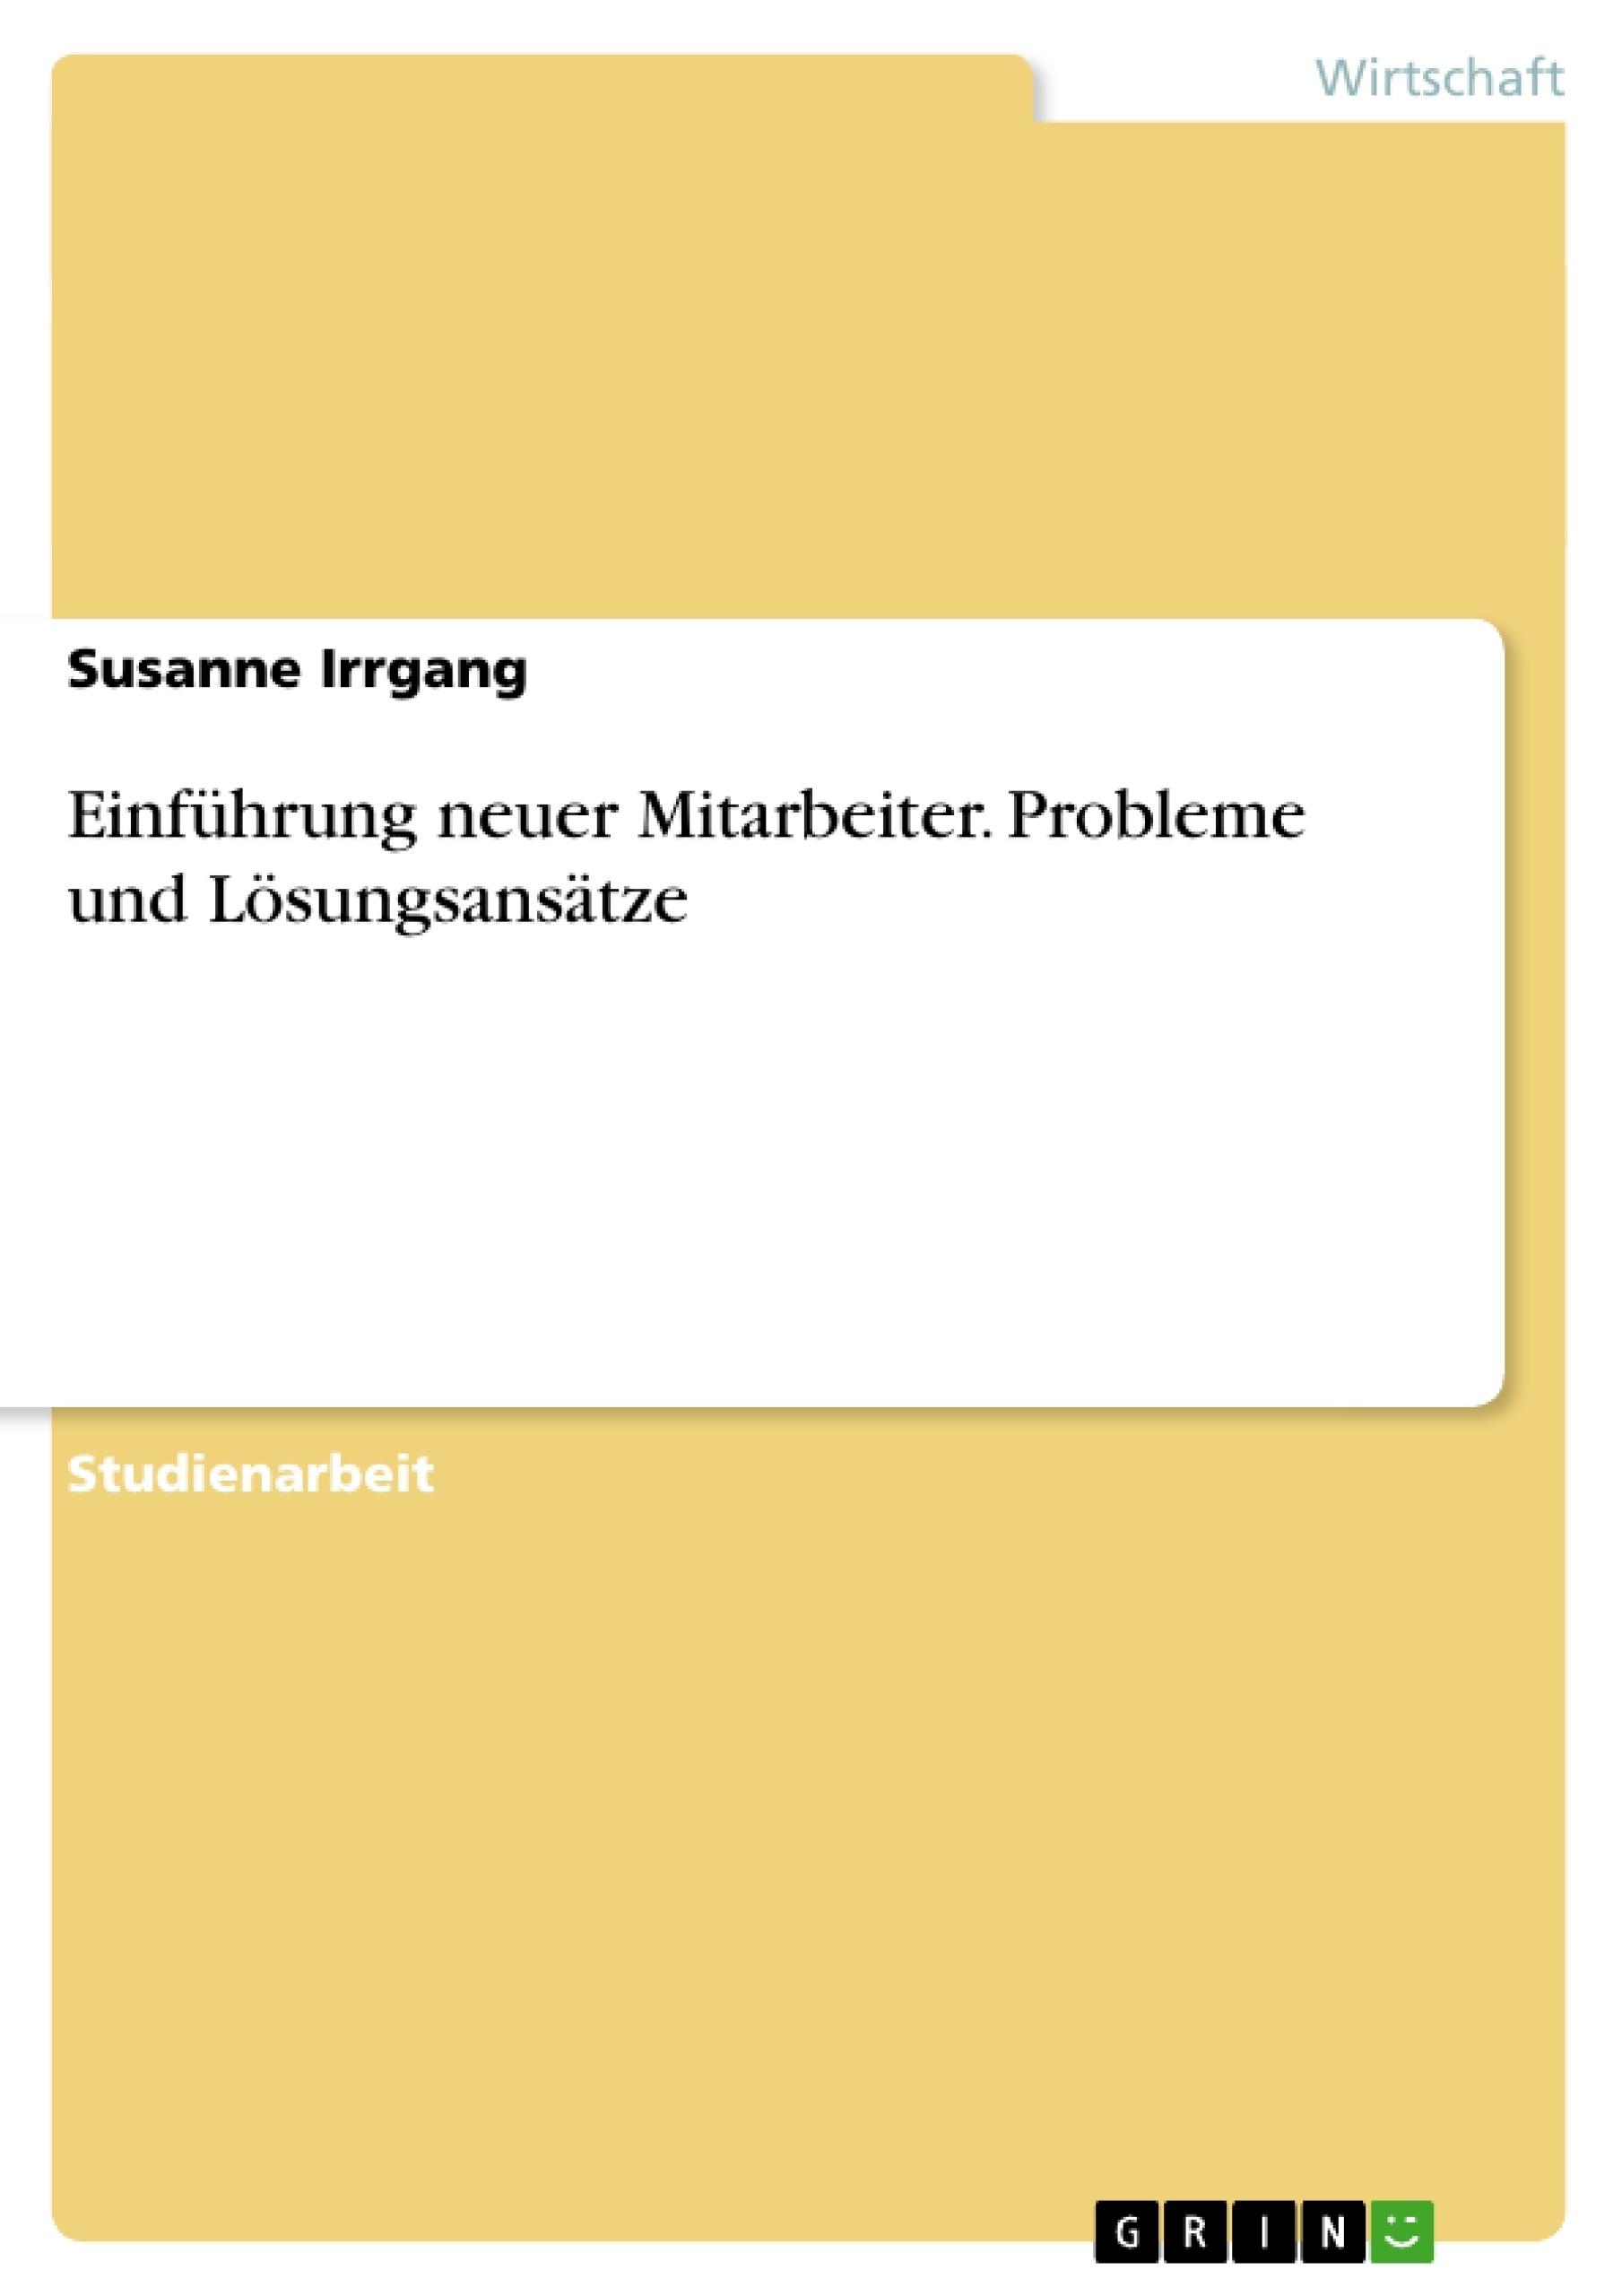 Titel: Einführung neuer Mitarbeiter. Probleme und Lösungsansätze